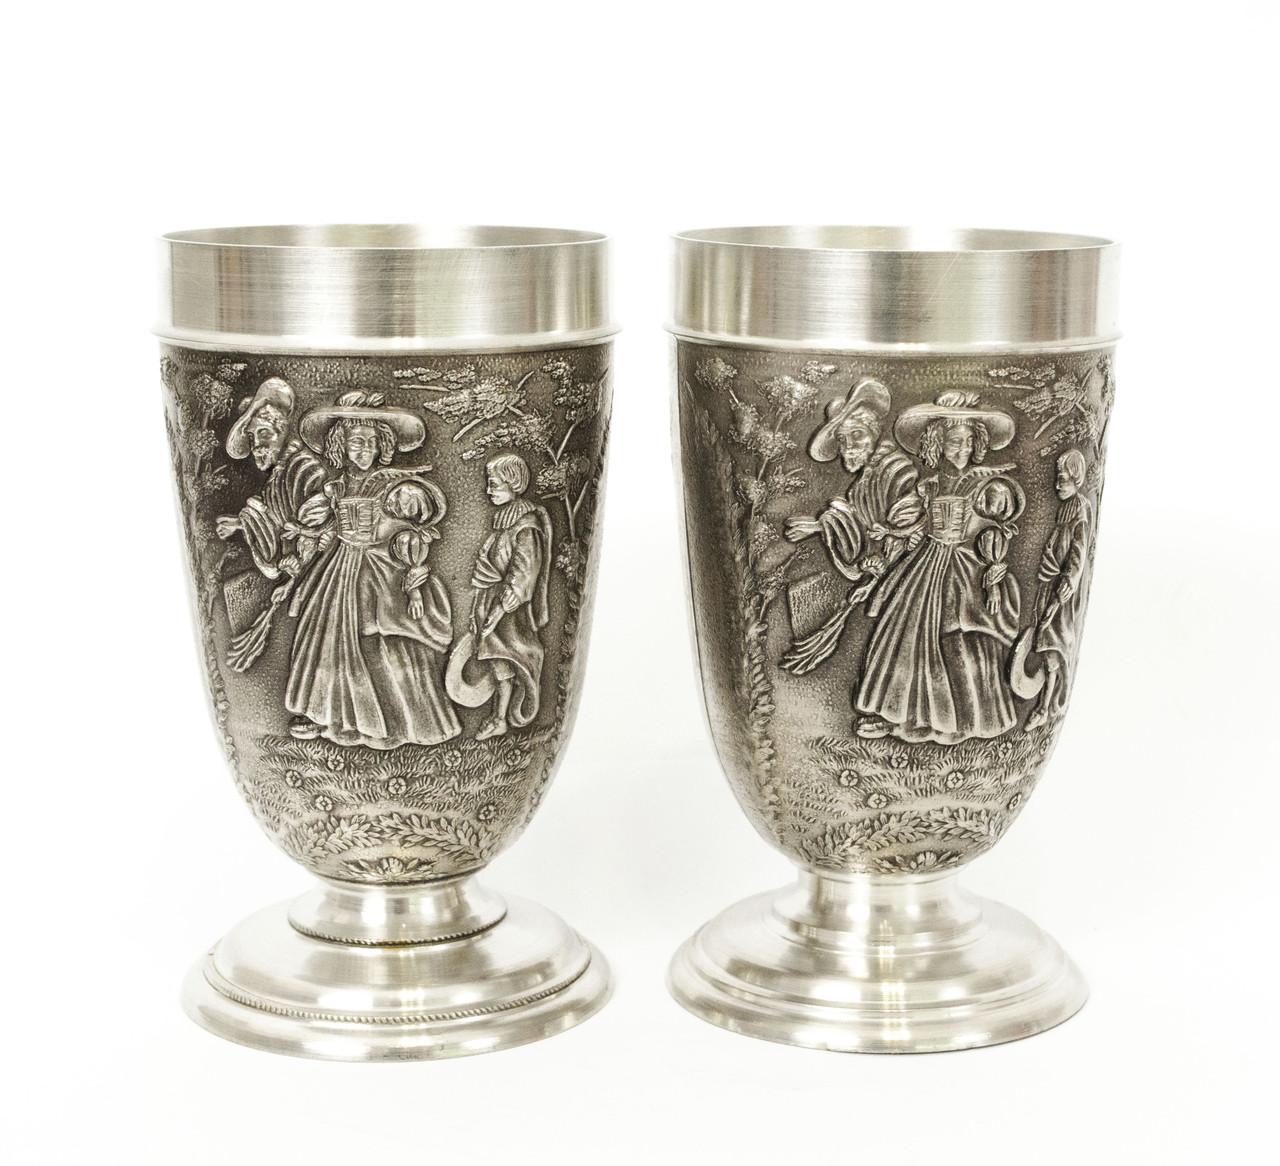 Два коллекционных оловянных бокала, олово, Германия, 200 мл